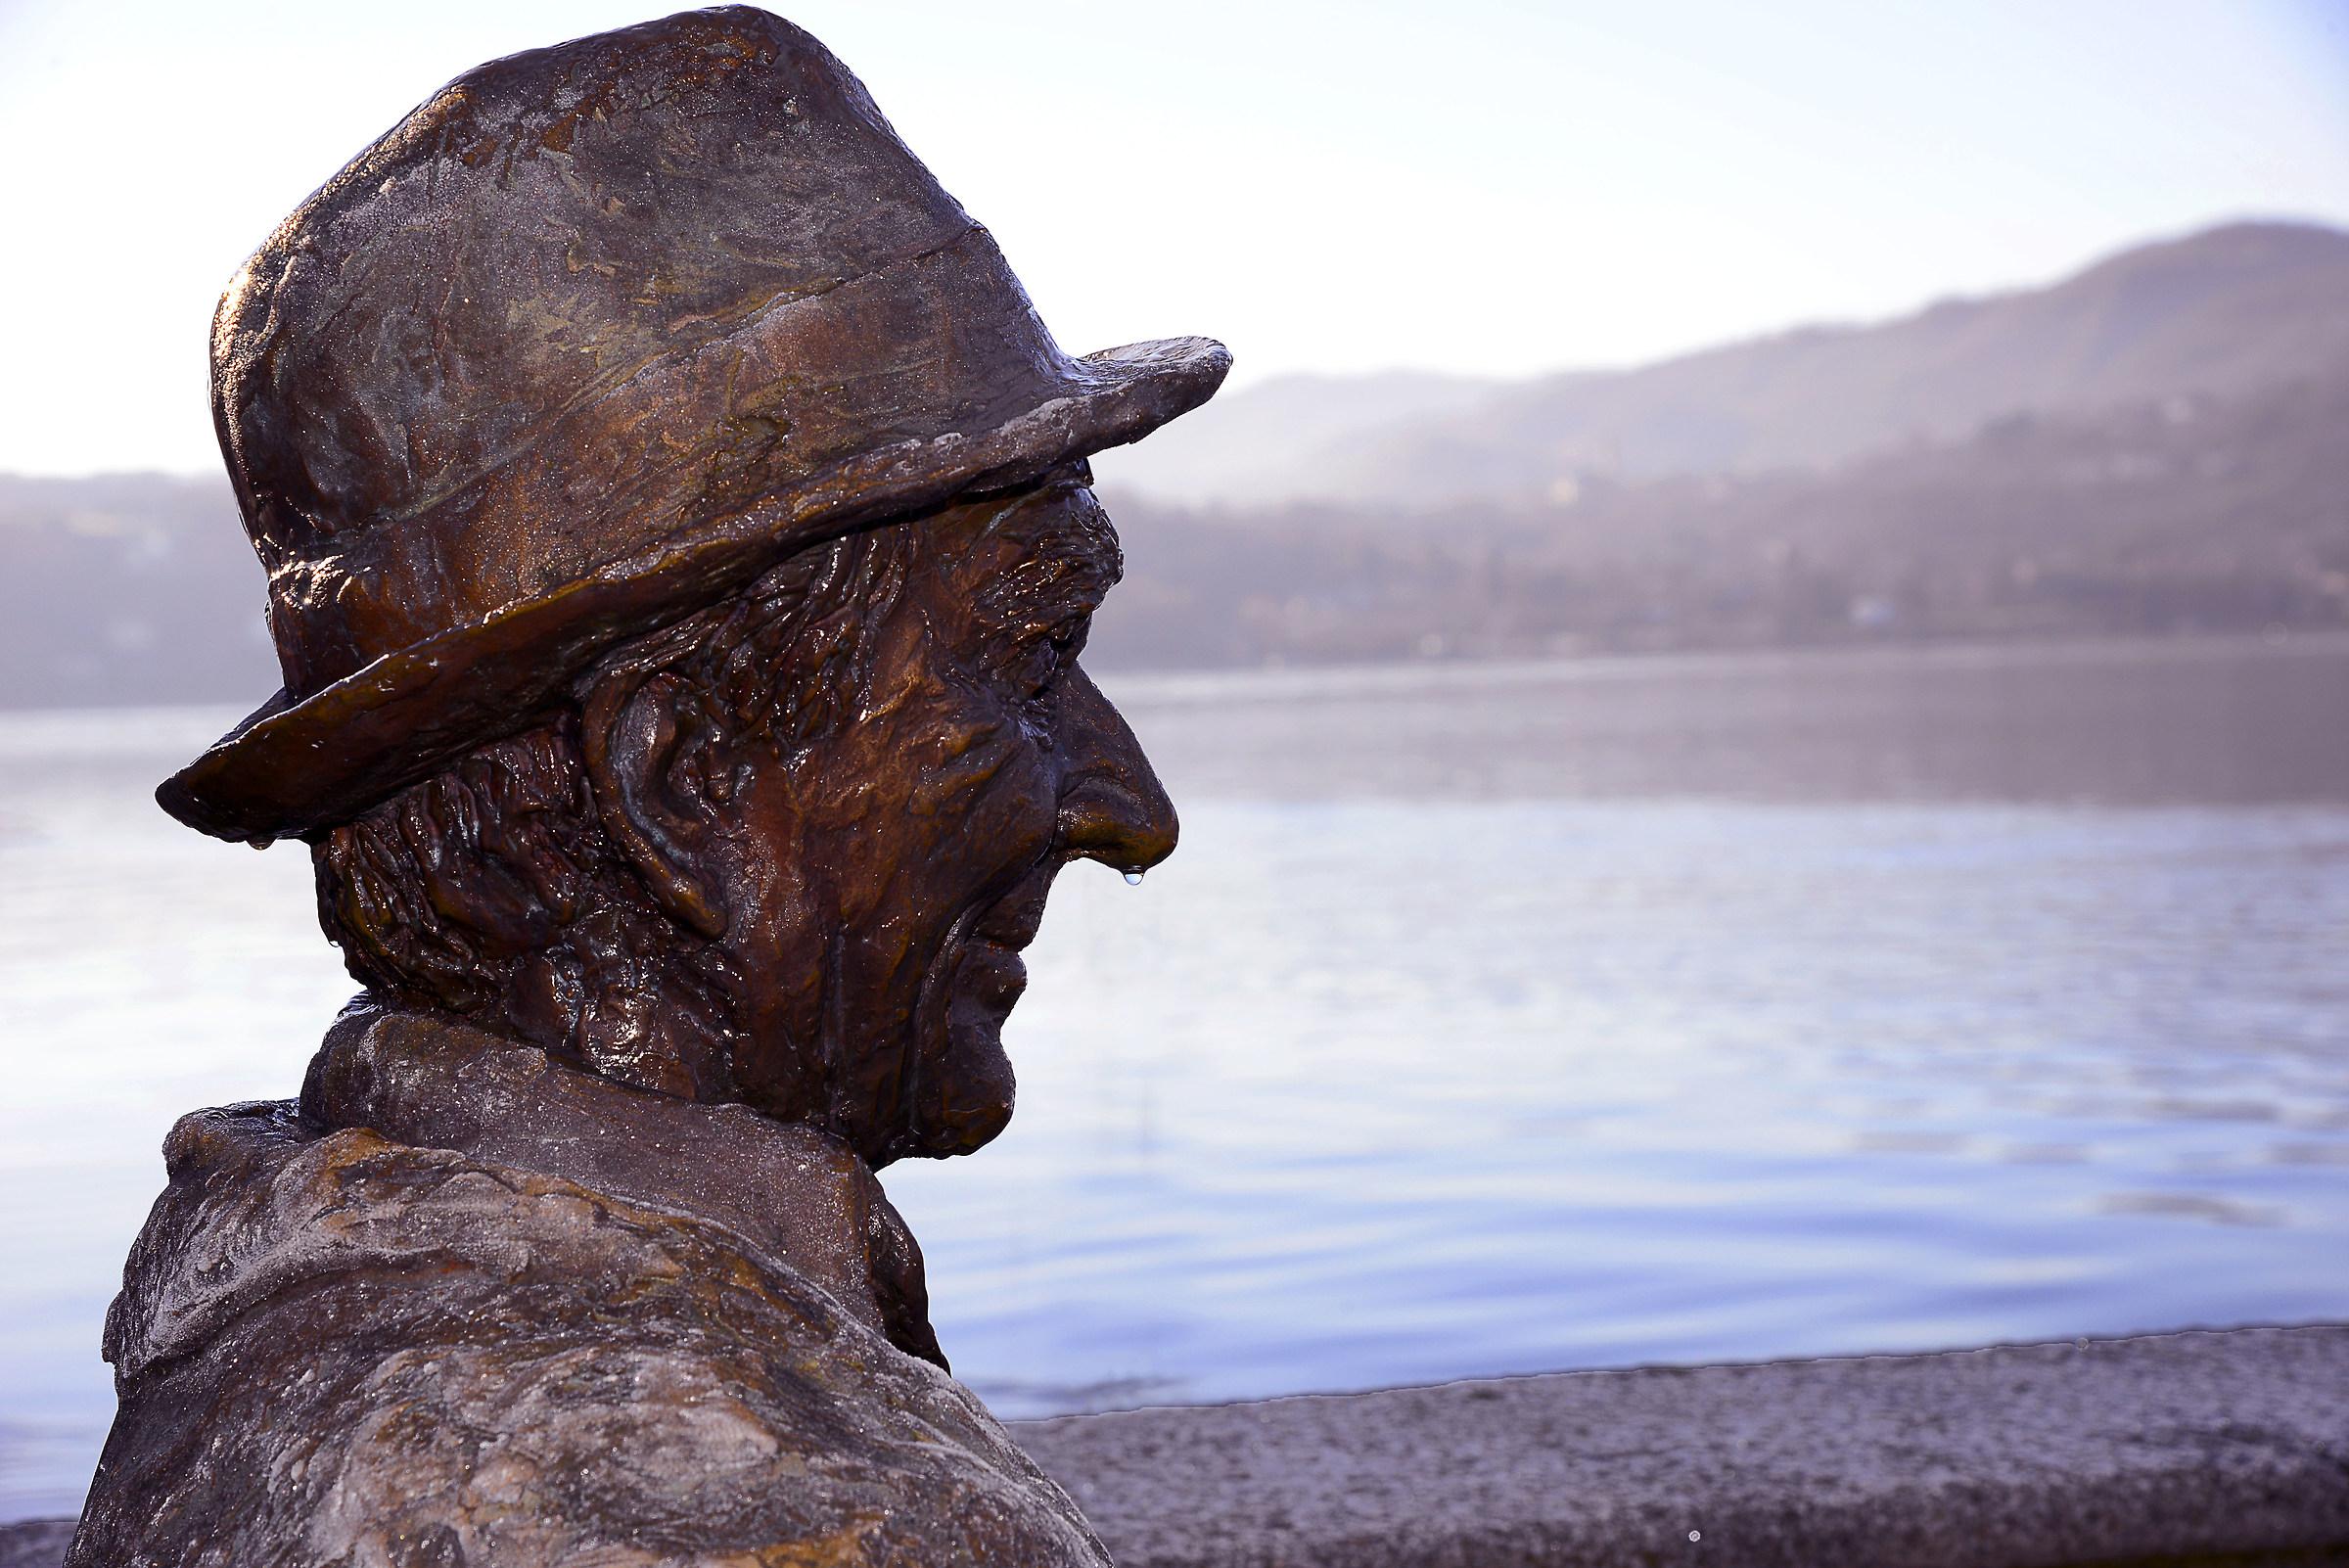 anche la statua ha la goccia al naso...